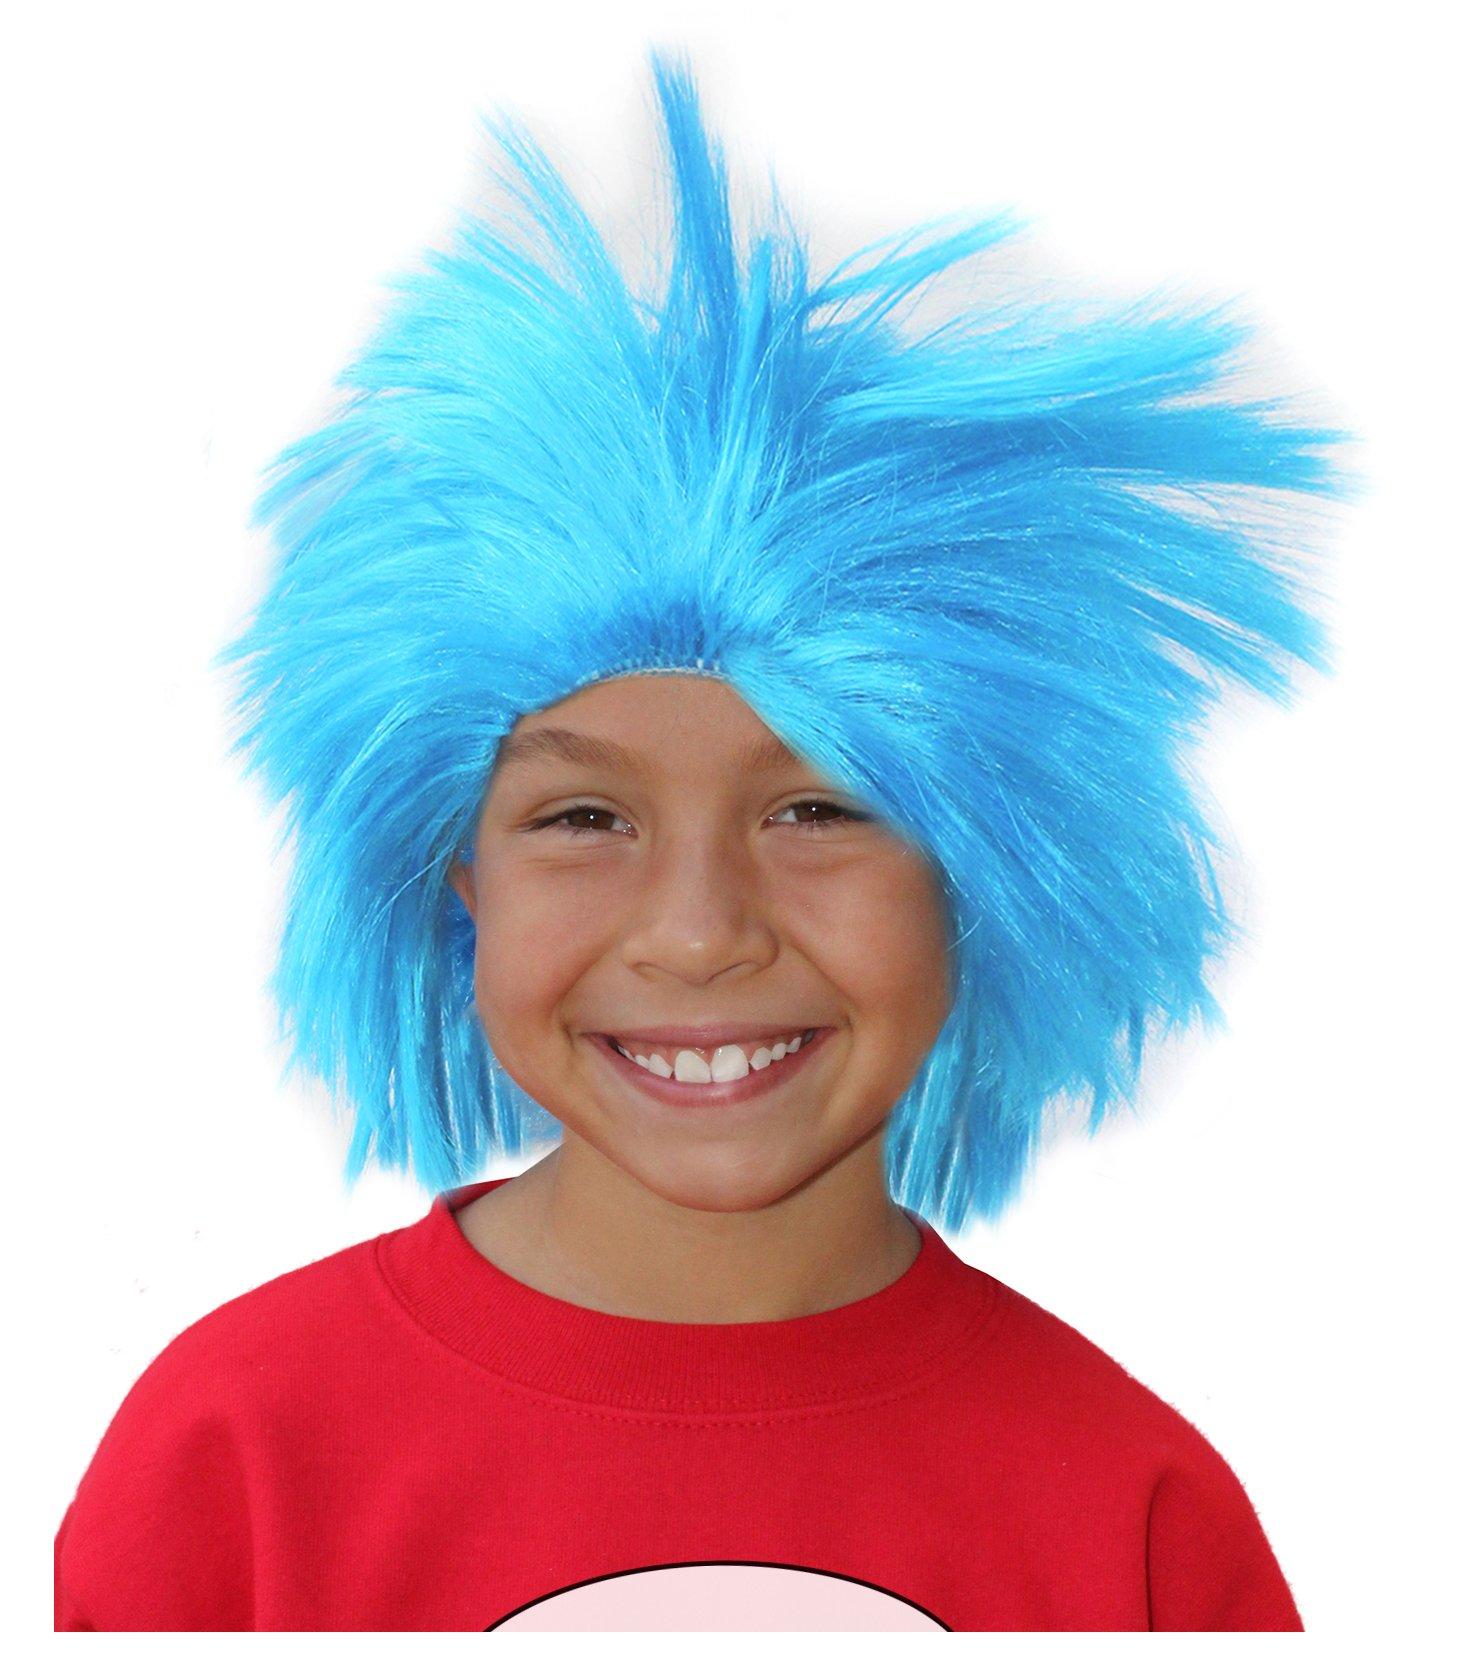 Blue Thing Wig Blue Thing 1 Wig Thing 1 and Thing 2 Costumes Wig Rick Wig Thing